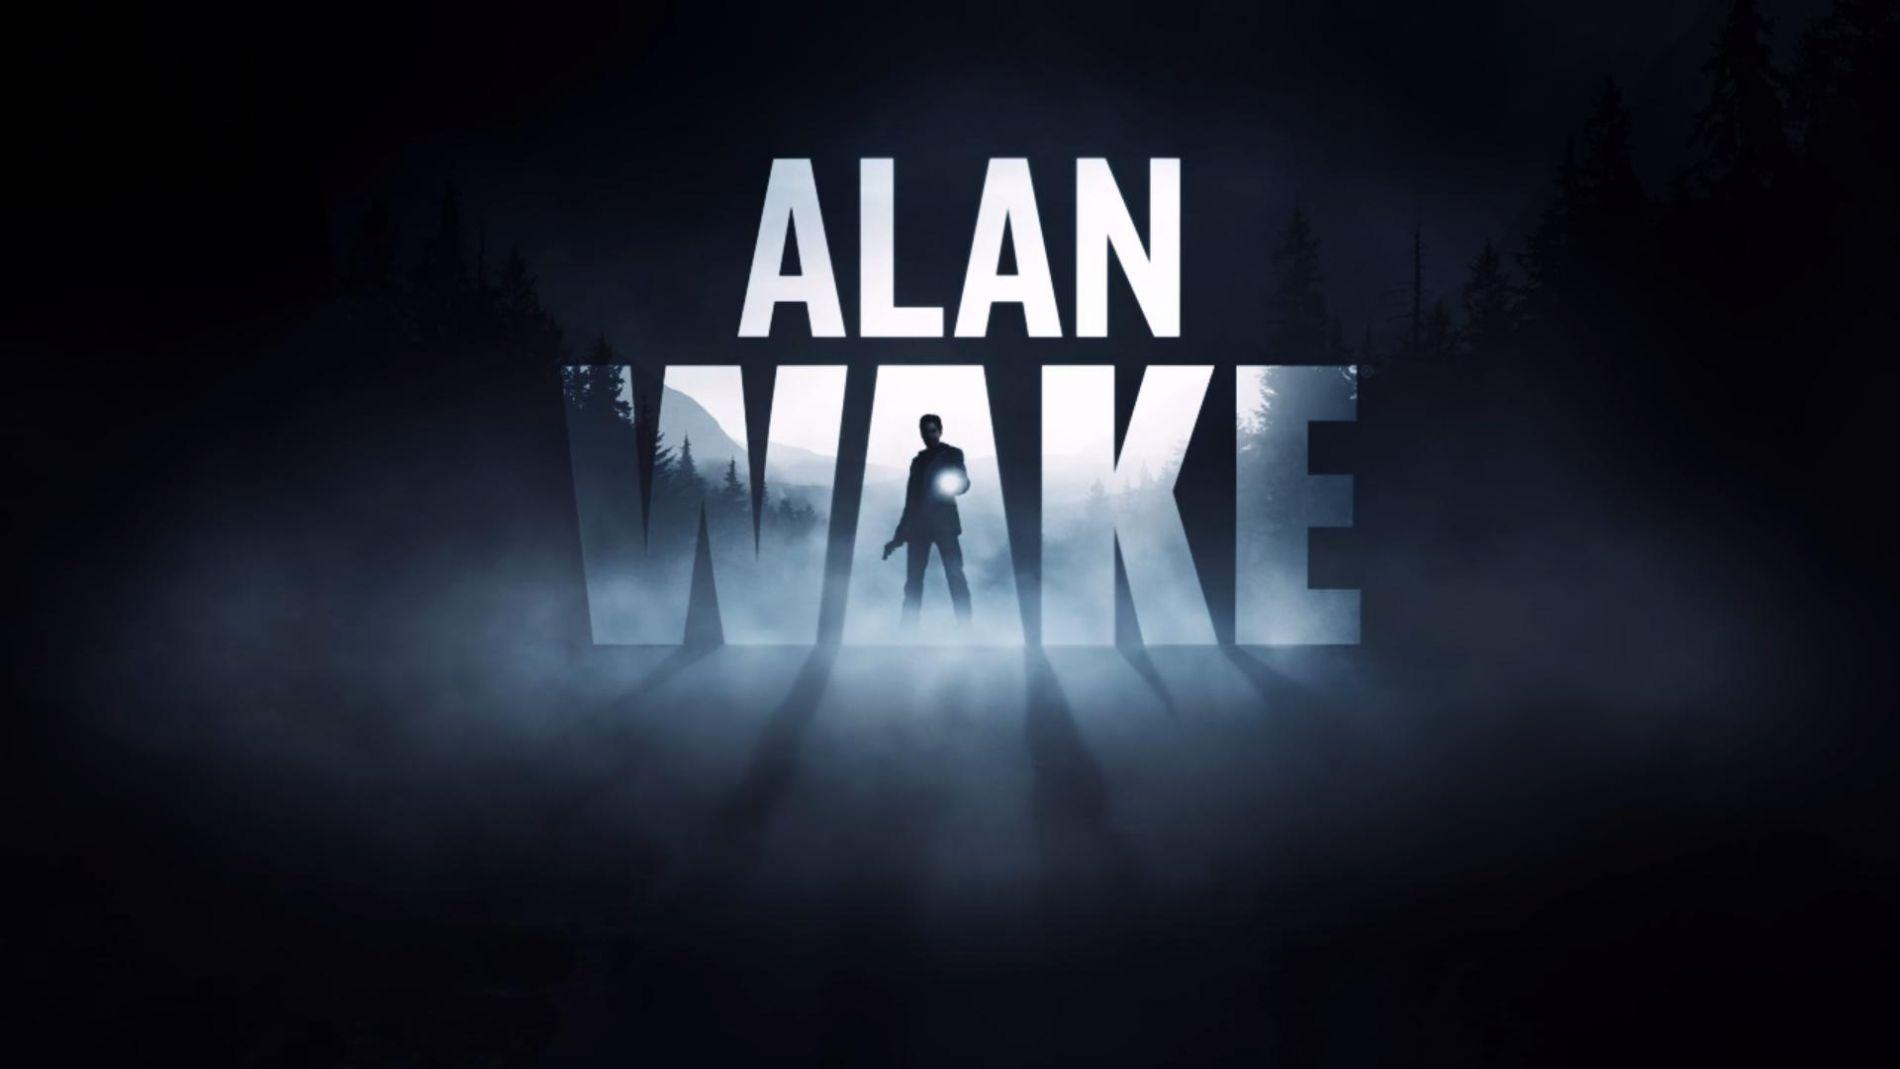 Alan Wake-Port für Xbox One von Remedy angedeutet